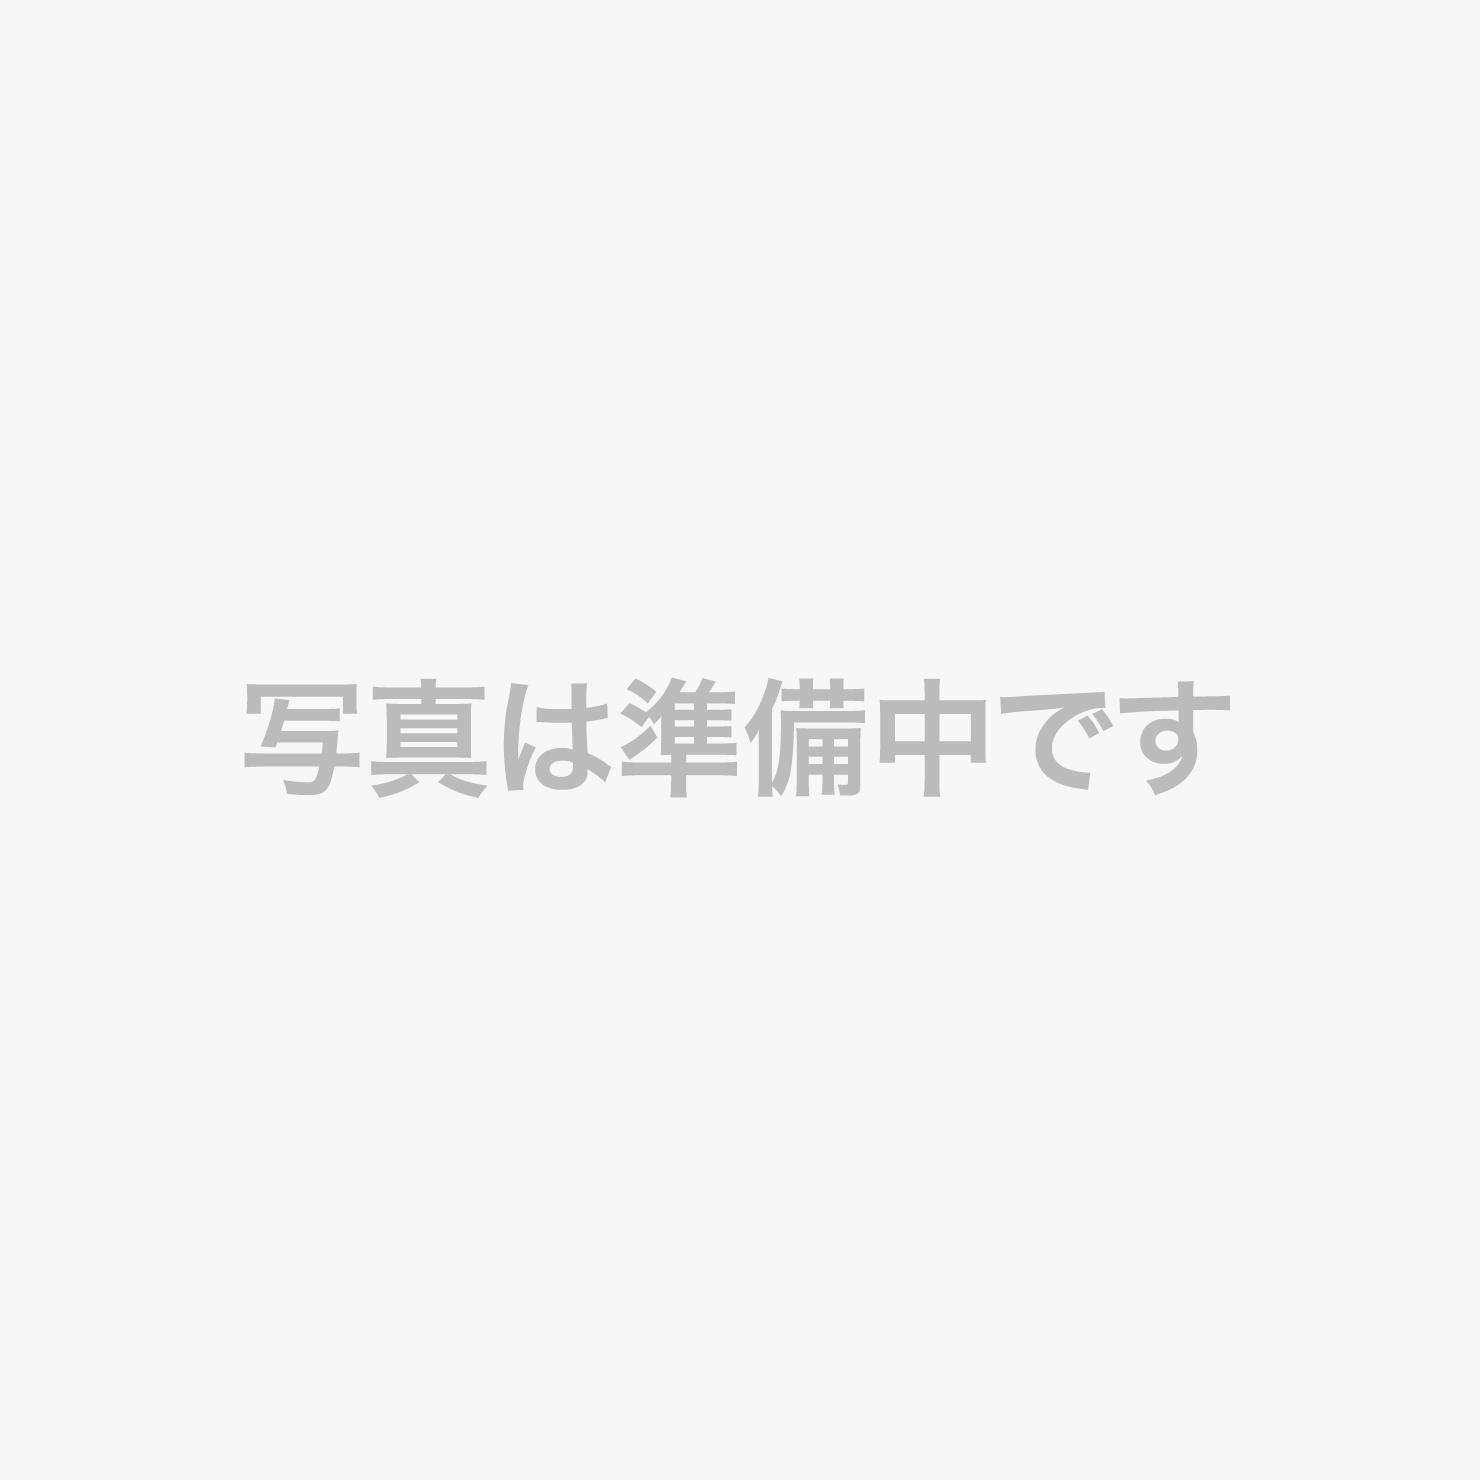 *【エコノミーツイン】ロビー階でお出かけに便利なツインルーム(ユニットバス付/約23平米/定員2名)